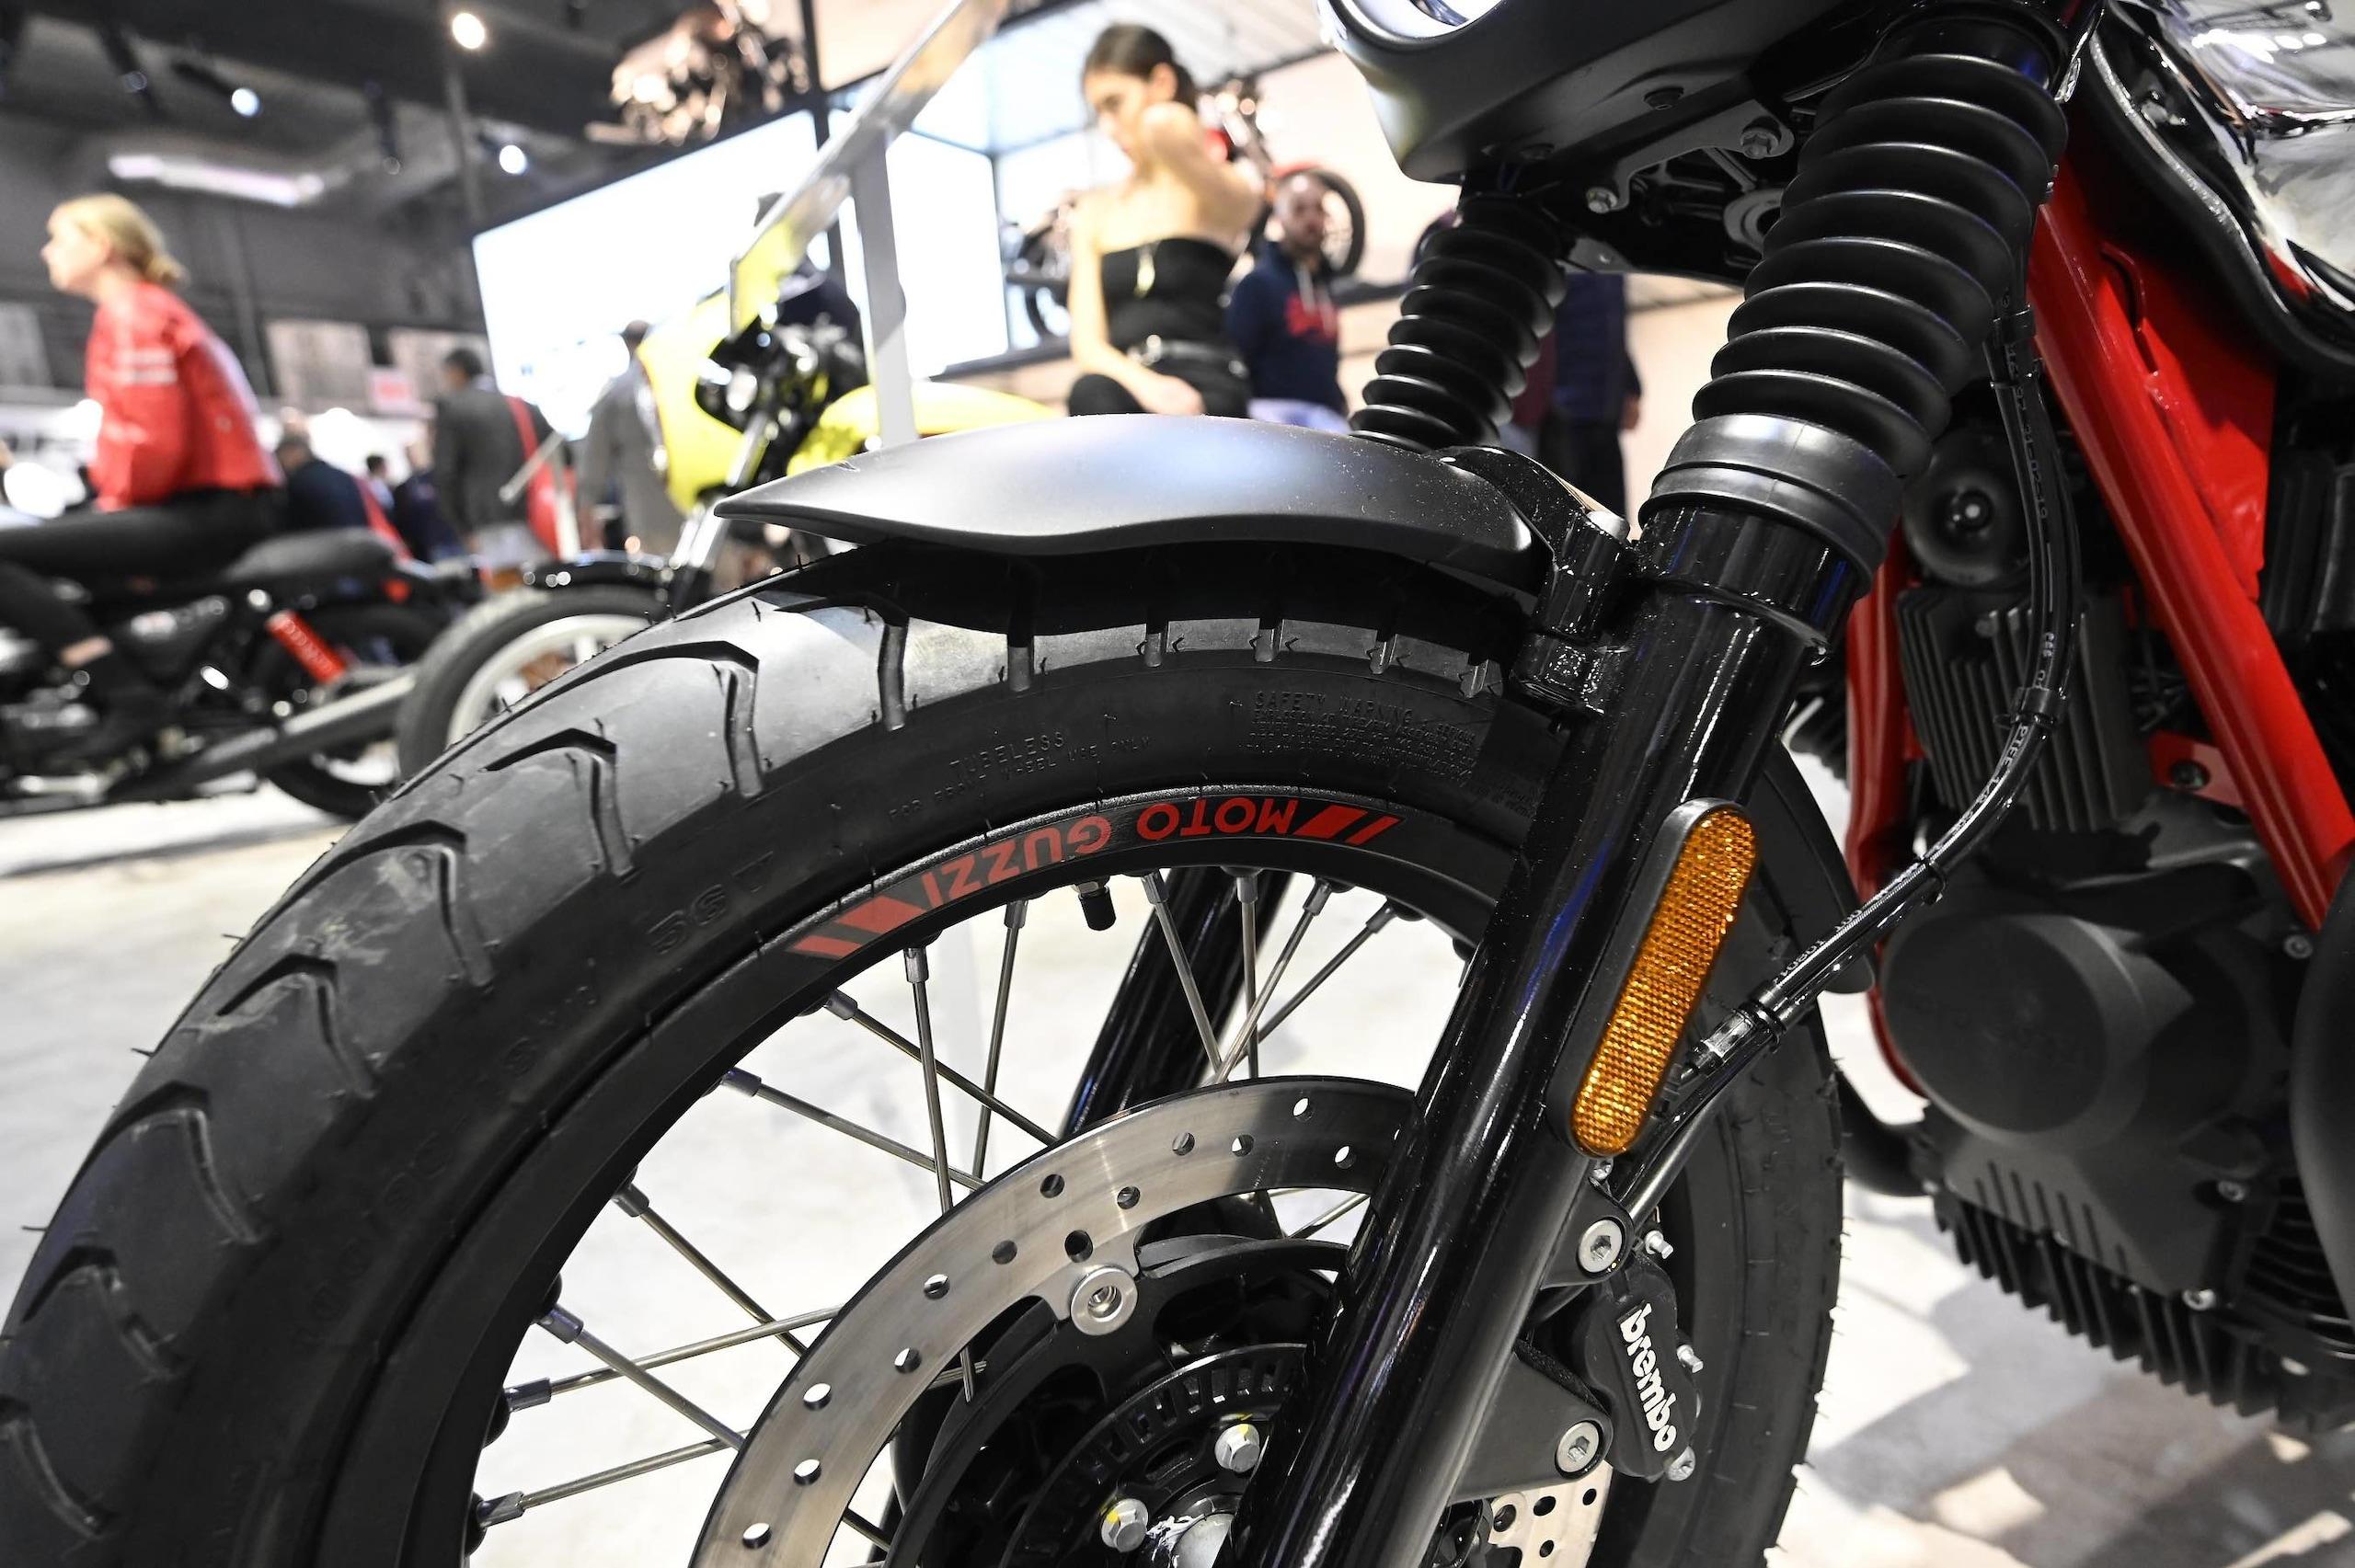 Moto Guzzi brilla con V85 TT e V7 Special a EICMA 2019: gli scatti